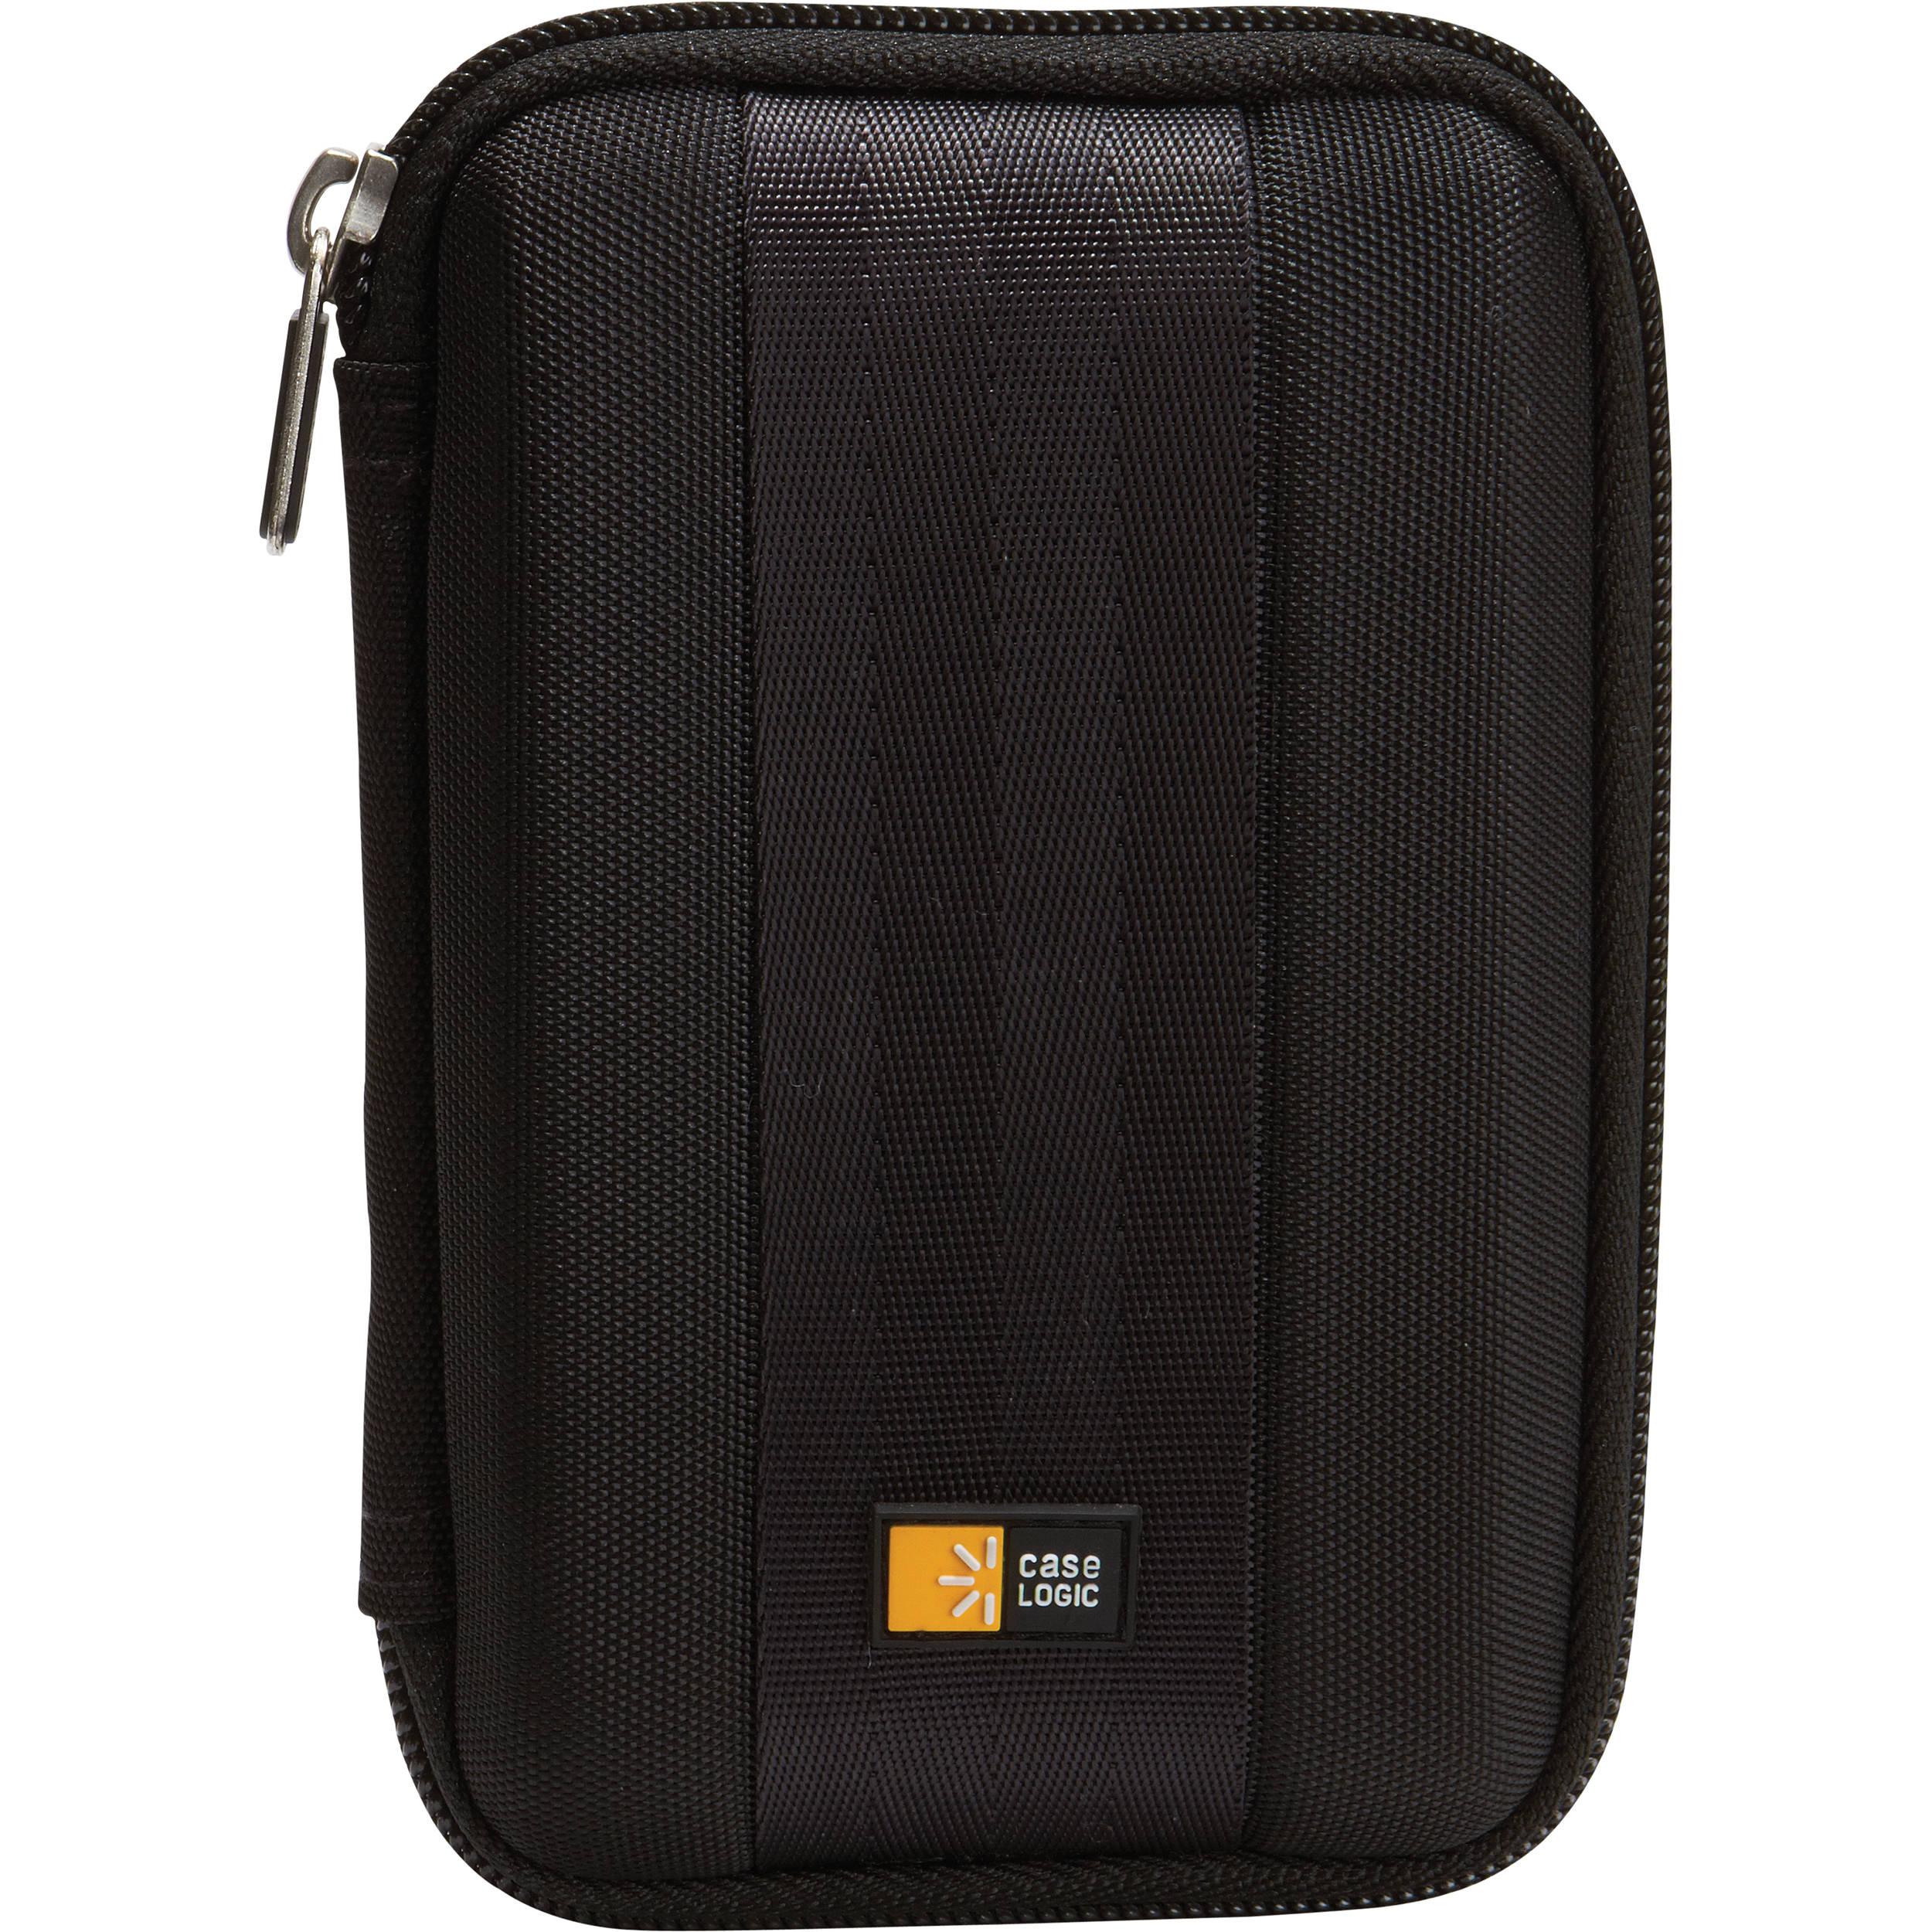 Case logic qhdc 101 portable hard drive case black qhdc for Housse case logic